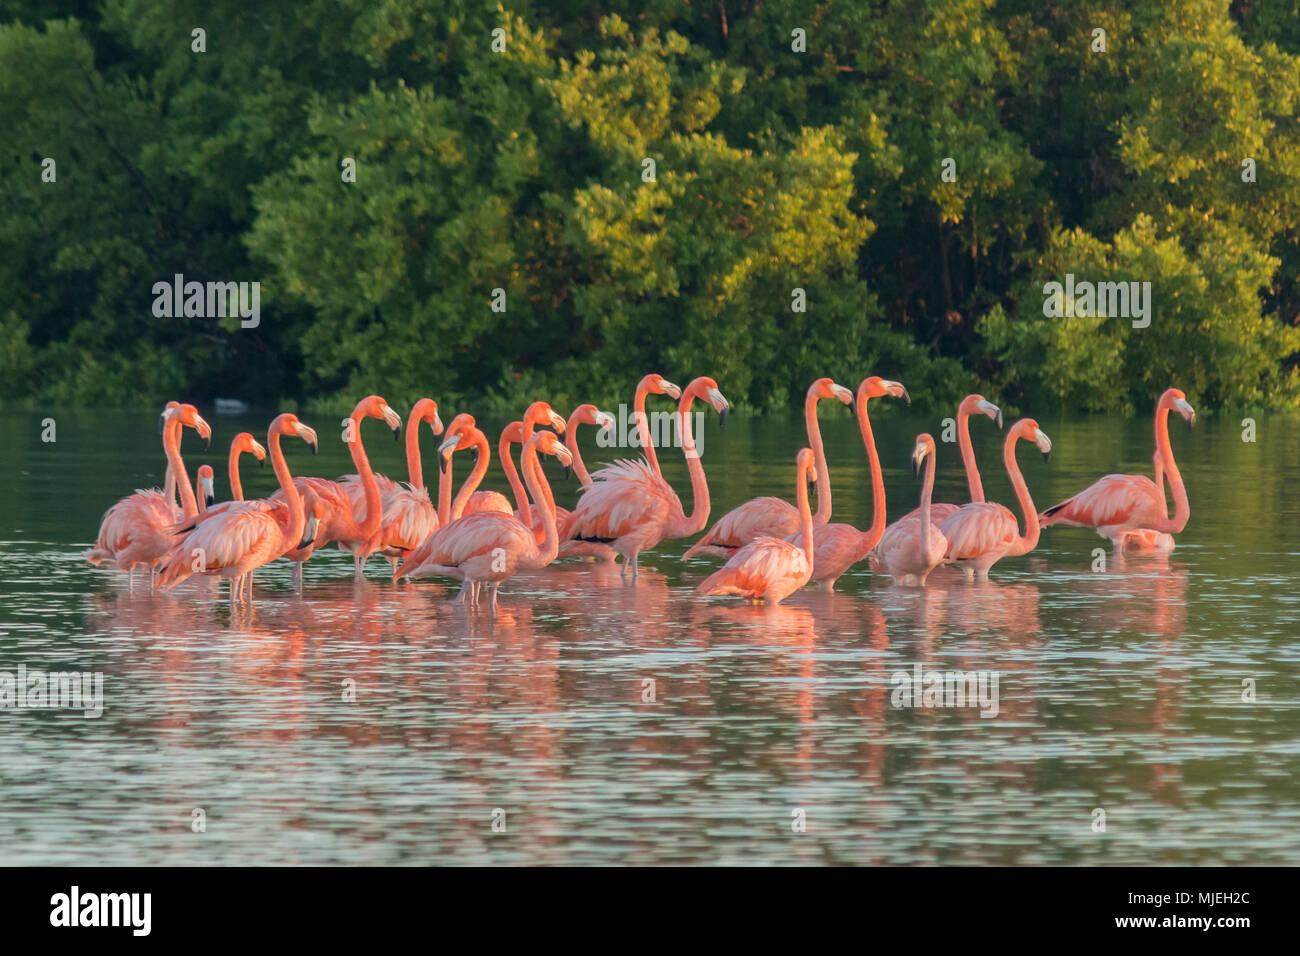 Fenicotteri rosa famiglia all'alba. Fenicotteri rosa raccogliere all'alba prima di partire per iniziare la loro giornata nel fiume Immagini Stock